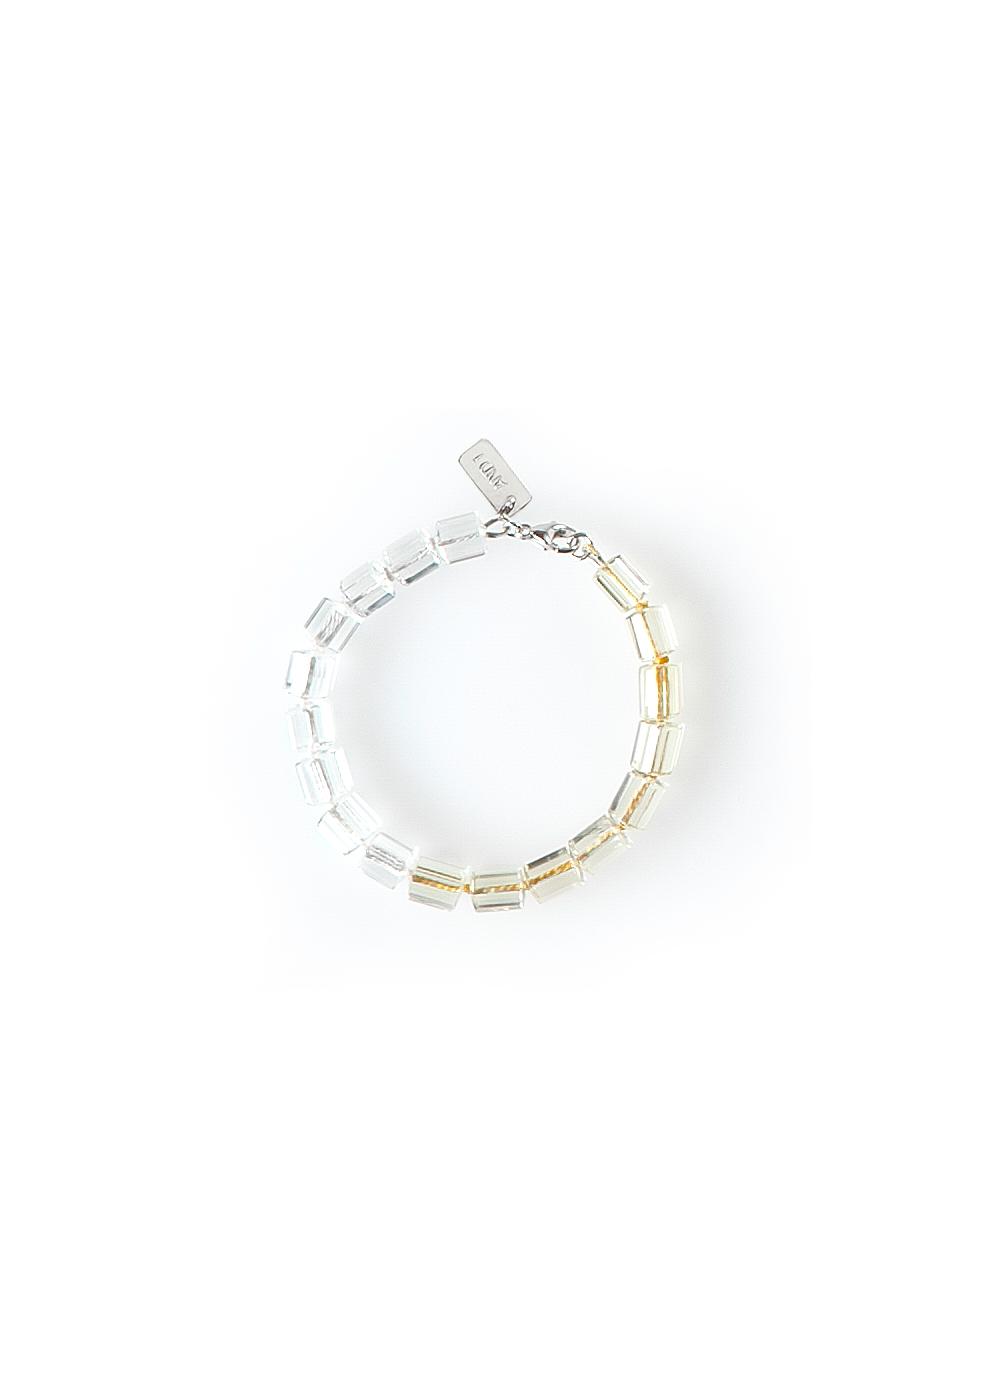 Perseids Bracelet Lemon